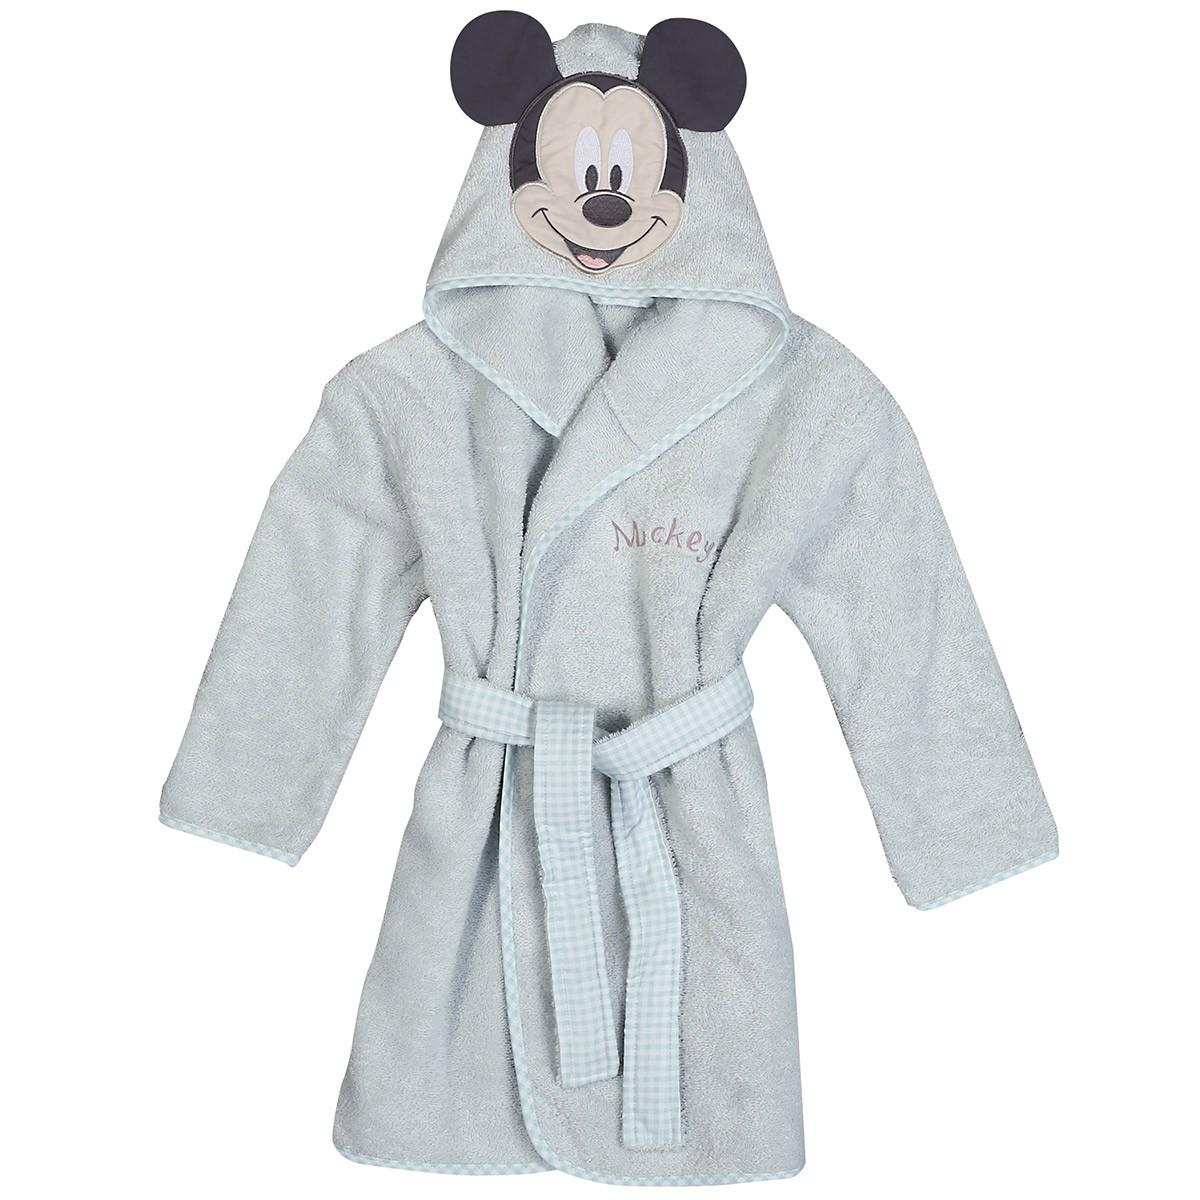 Βρεφικό Μπουρνούζι Nef-Nef Disney Mickey Prince Νο2 Νο2 88913